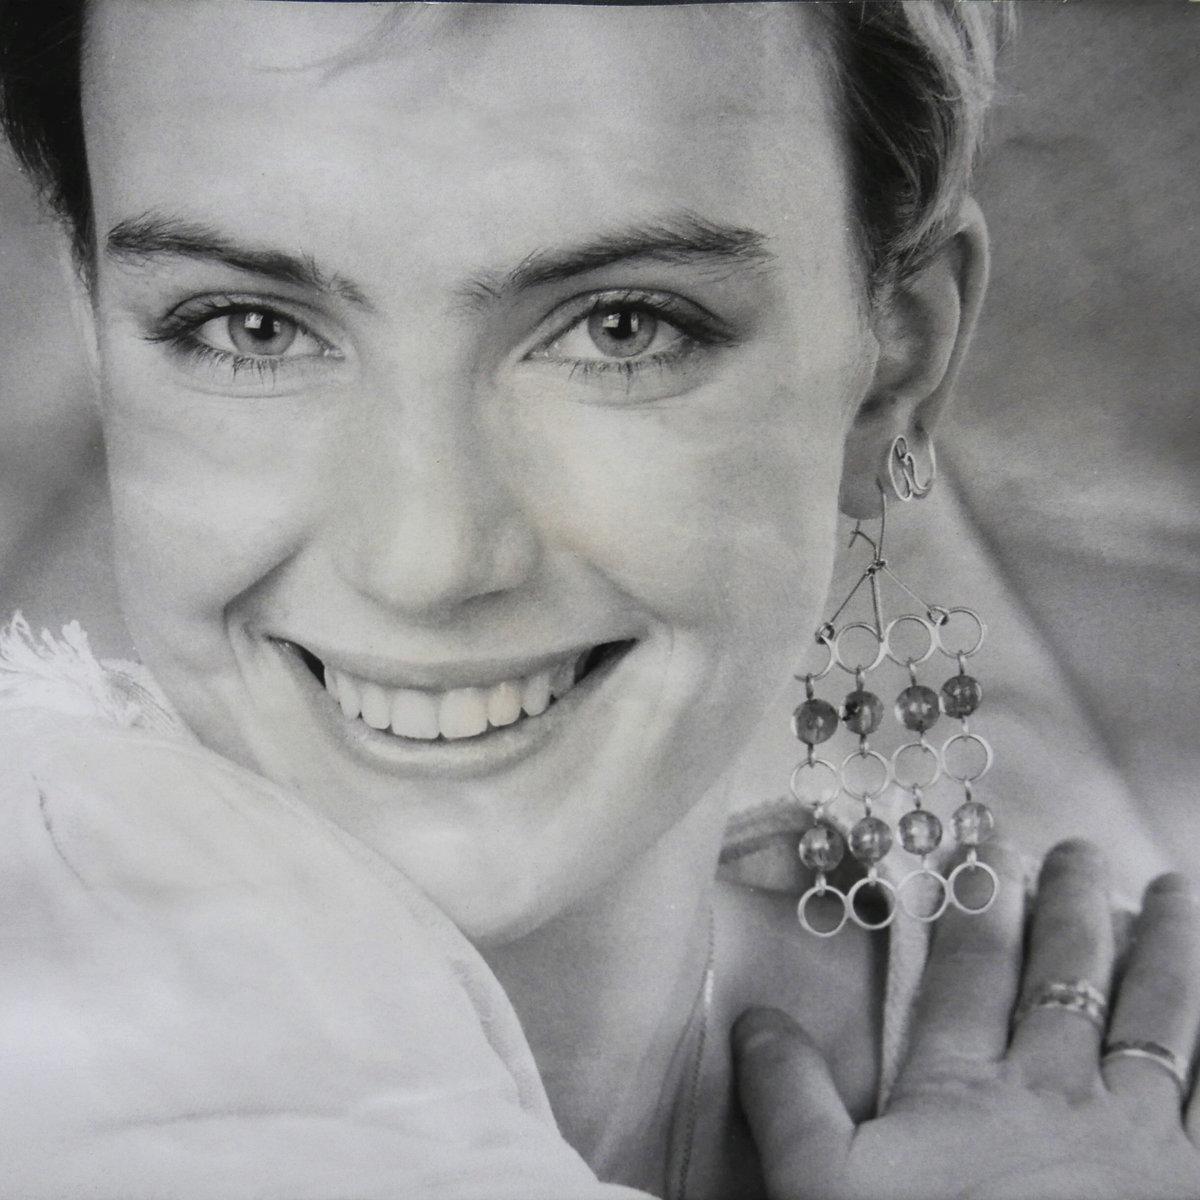 Fotografie Jefa Kratochvíla, které změnily Romaně Štrynclové vroce 1990 a 1991 život